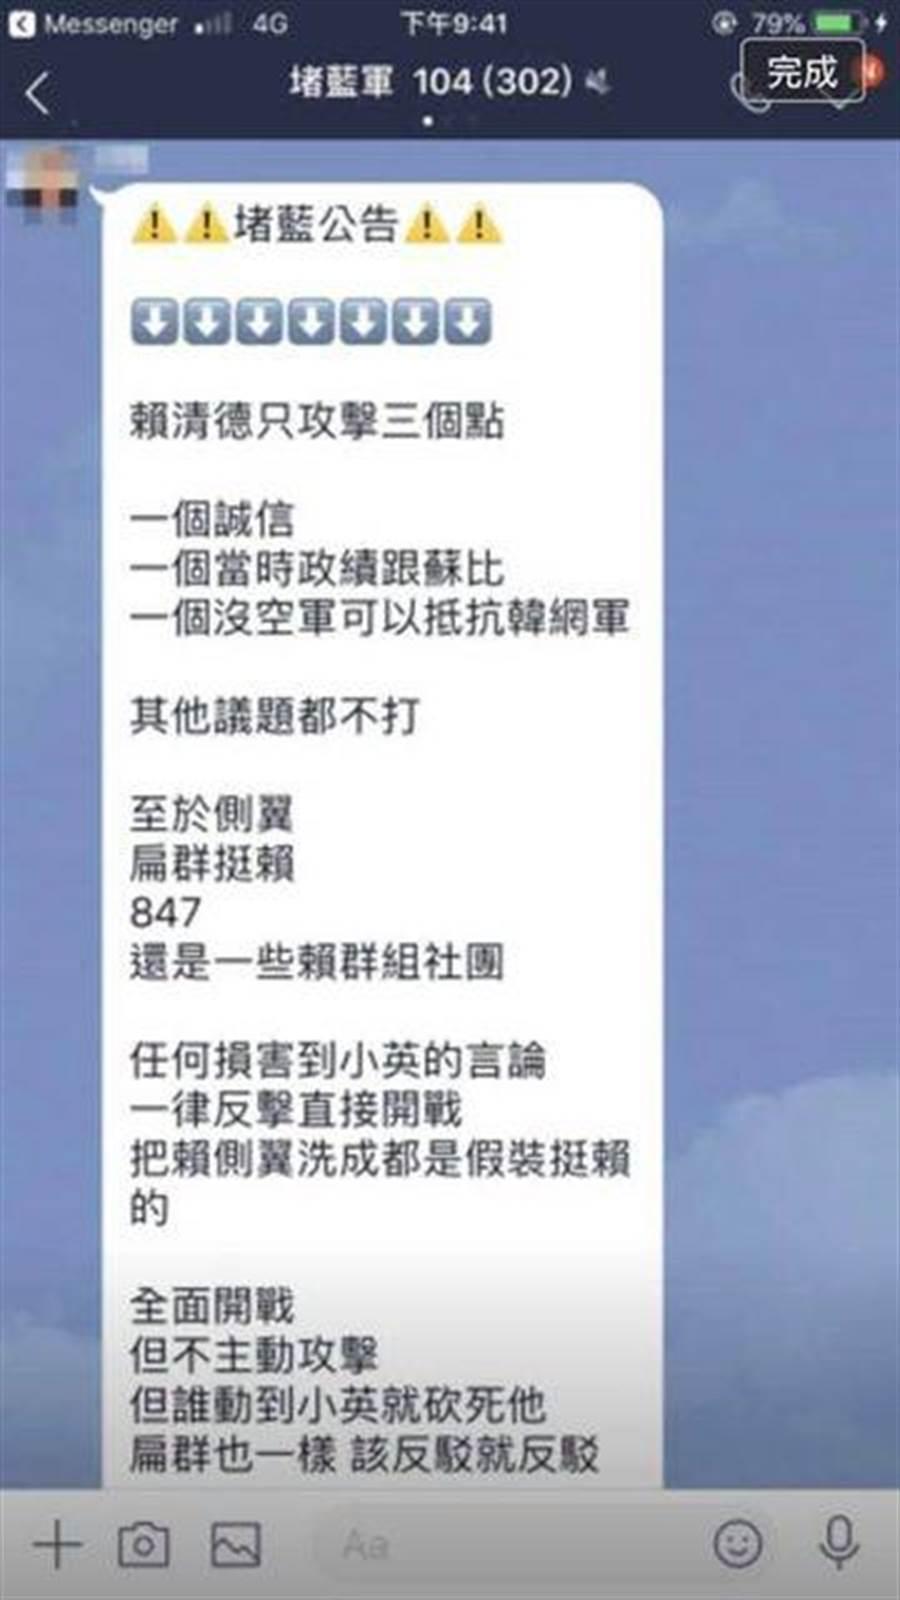 爆卦文中有一張LINE截圖,內容是「堵藍公告:賴清德只攻擊三個點!一個誠信,一個當時政績跟蘇比,一個沒空軍可以抵抗韓網軍。」(PTT)